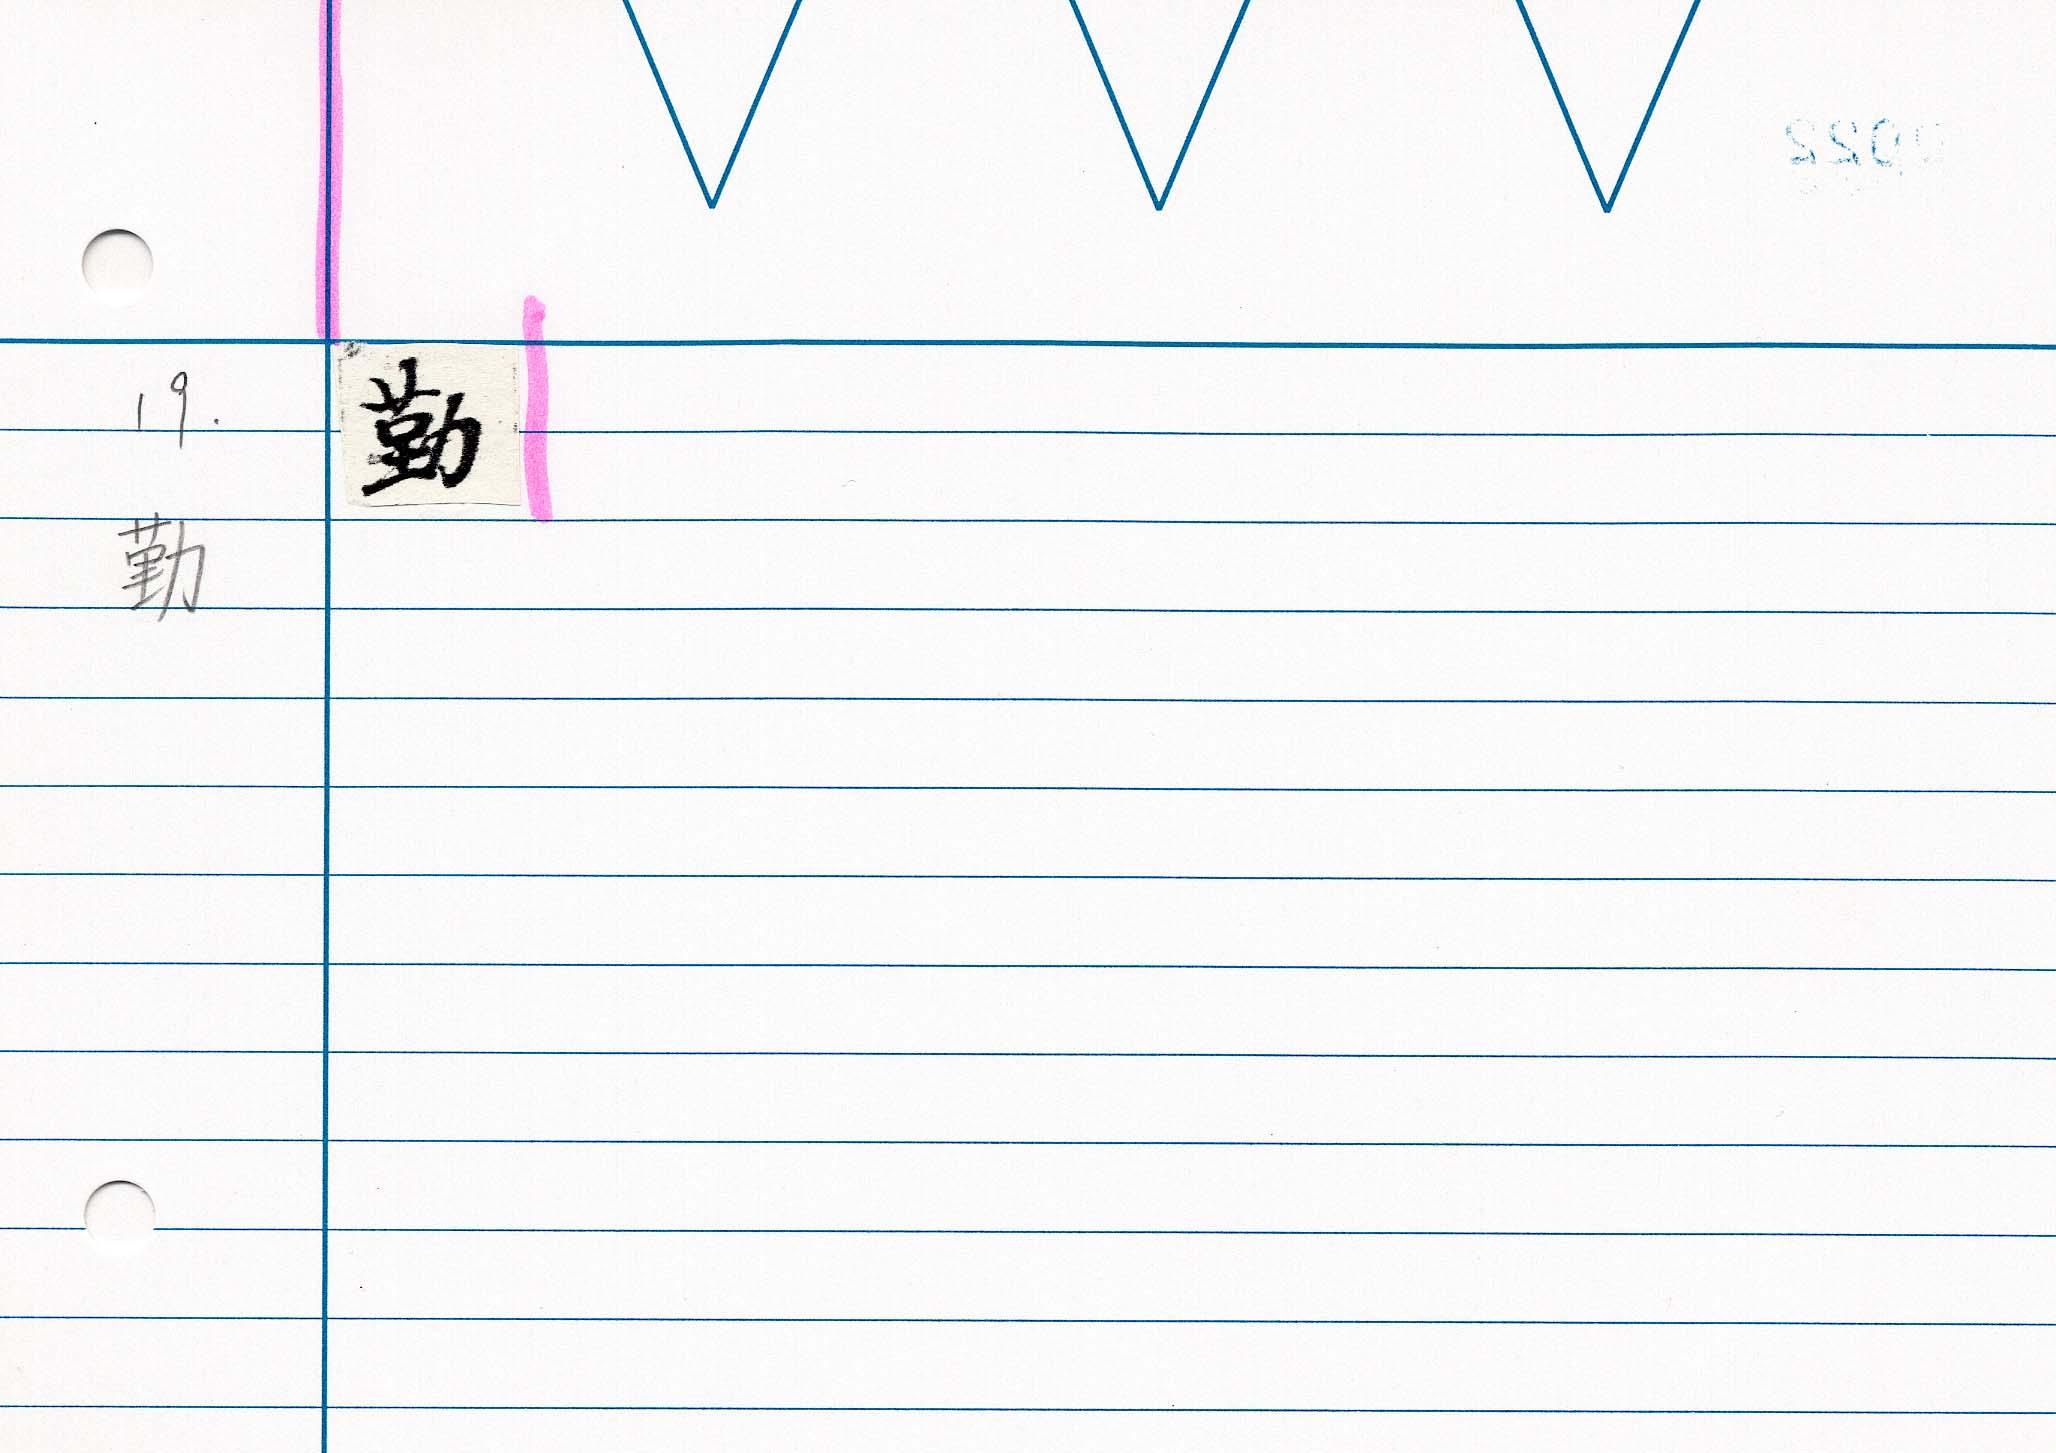 60_佛説大教王經卷一(東禪寺版日本寫本)/cards/0023.jpg